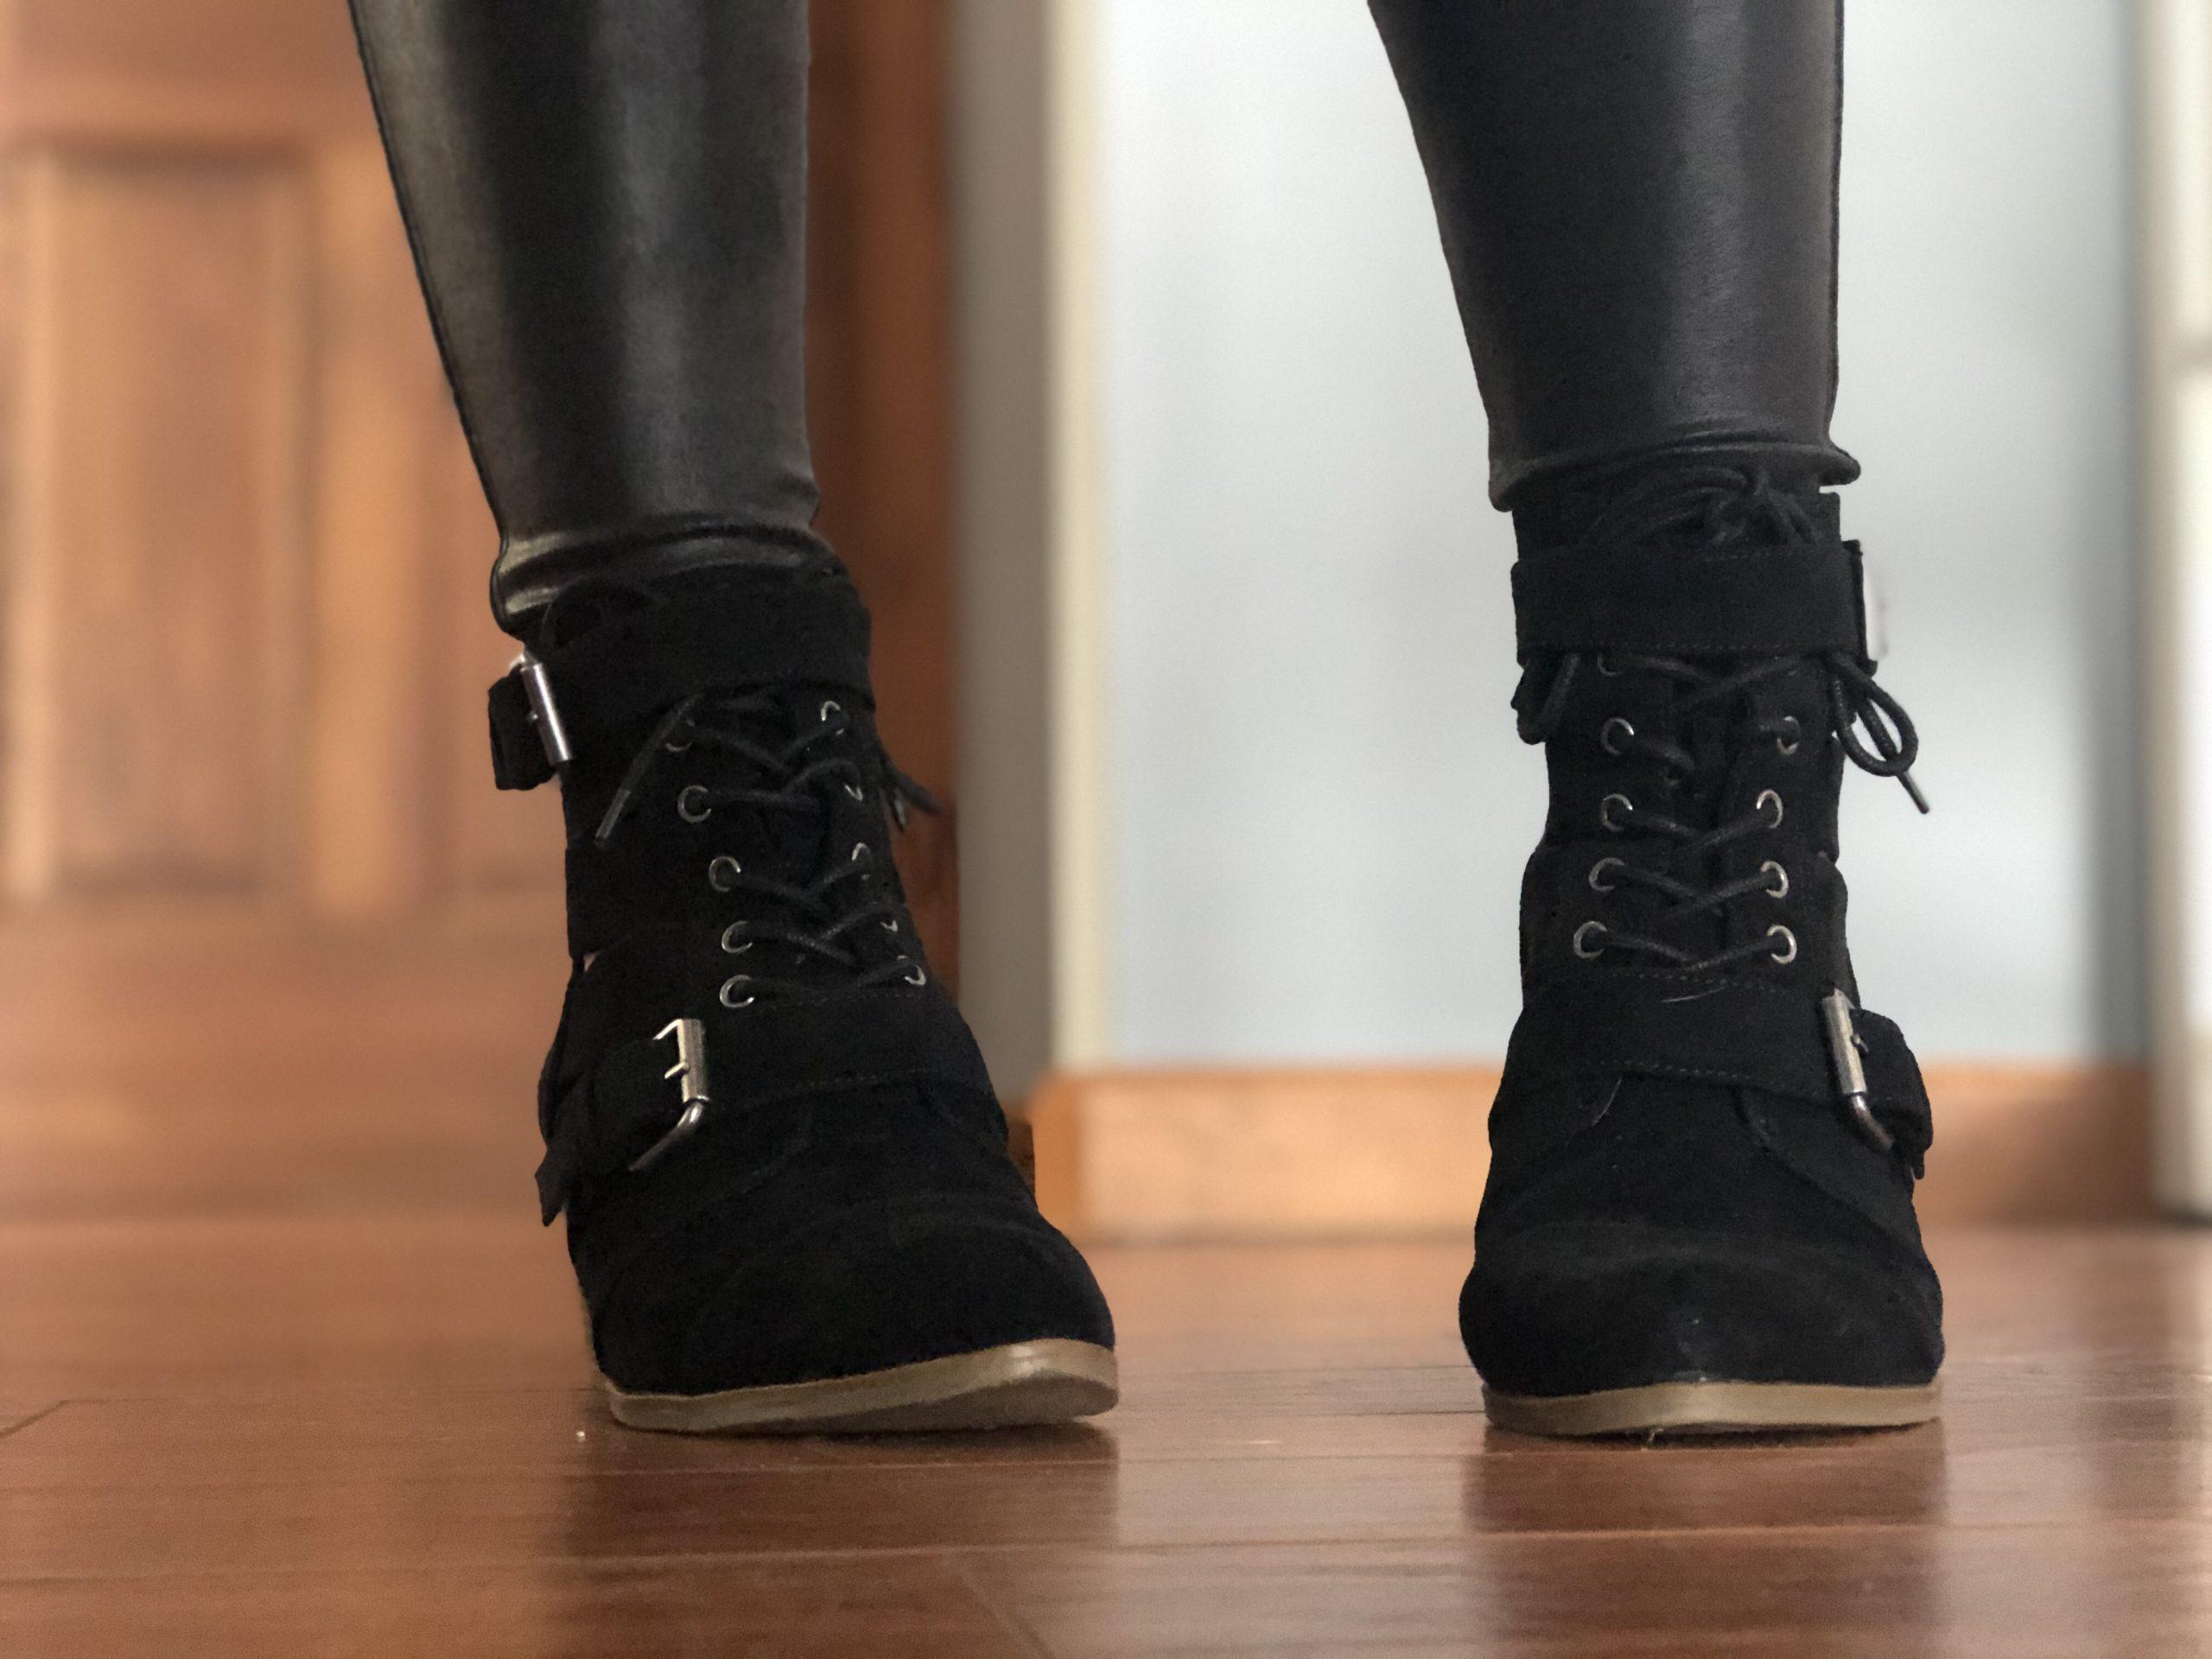 Target black buckle ankle booties, Chloe rylee boot dupe